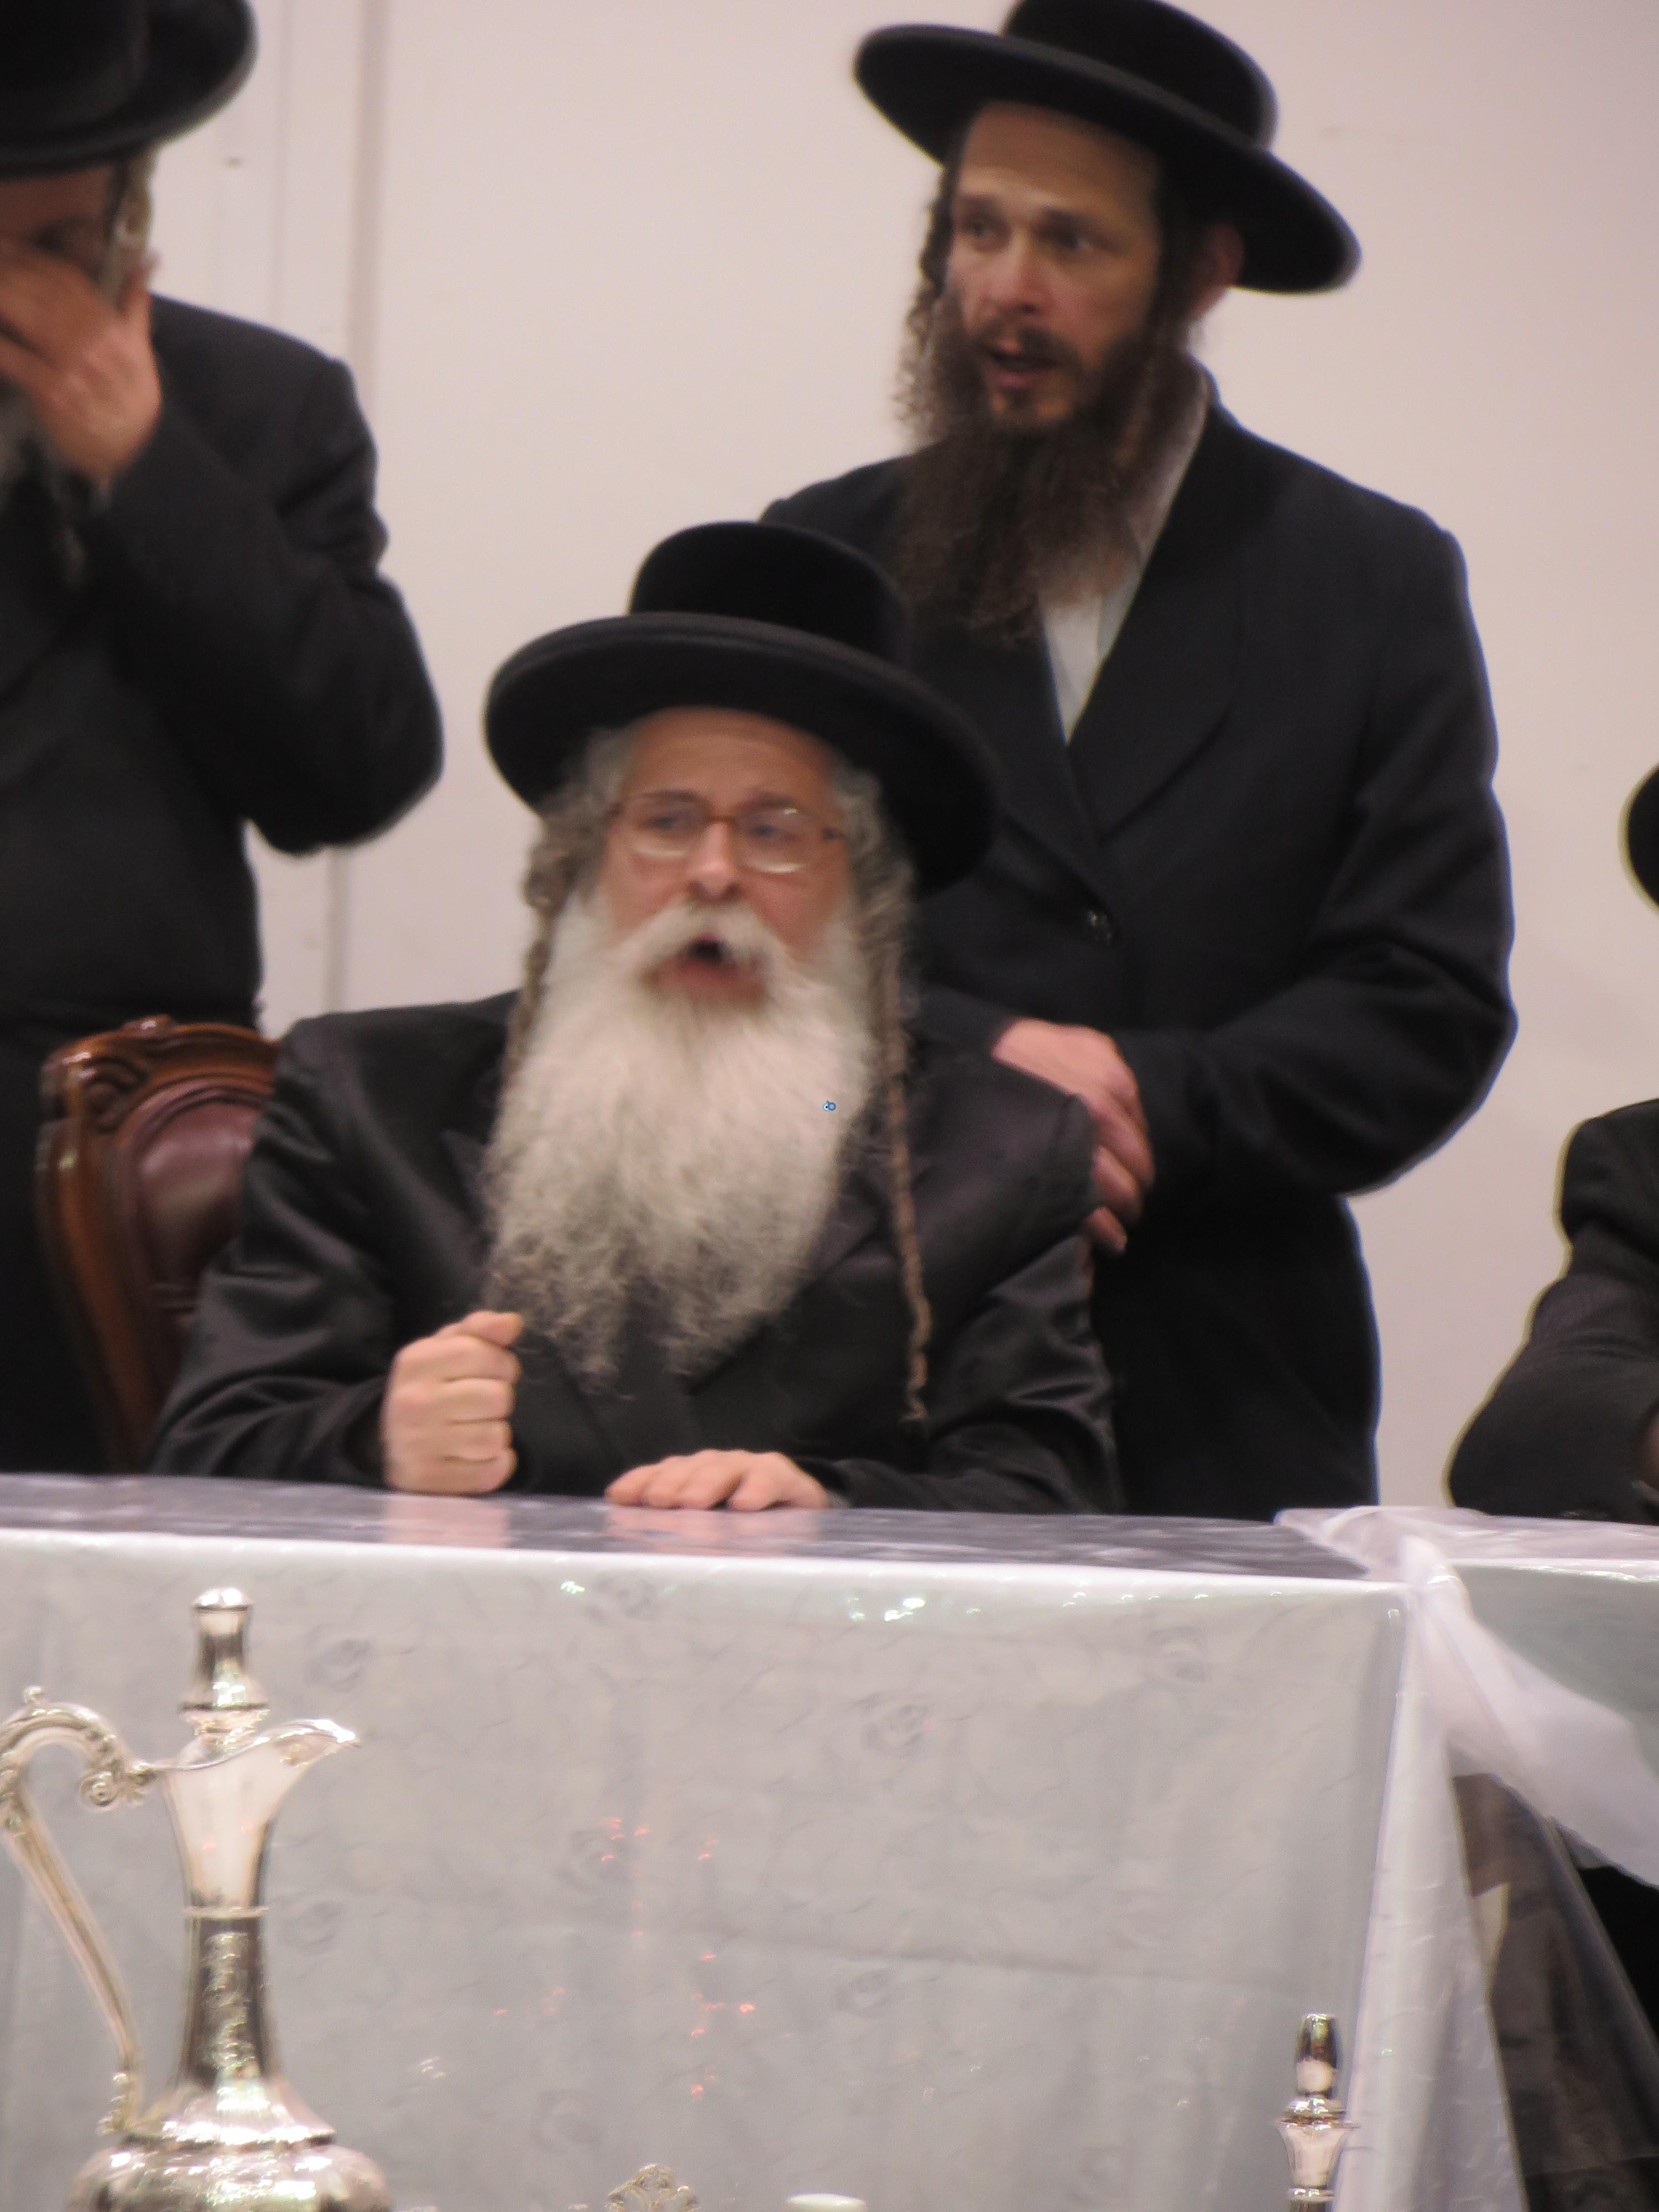 נדבורנא ירושלים בהילולת אביו צילם מוטי (4)